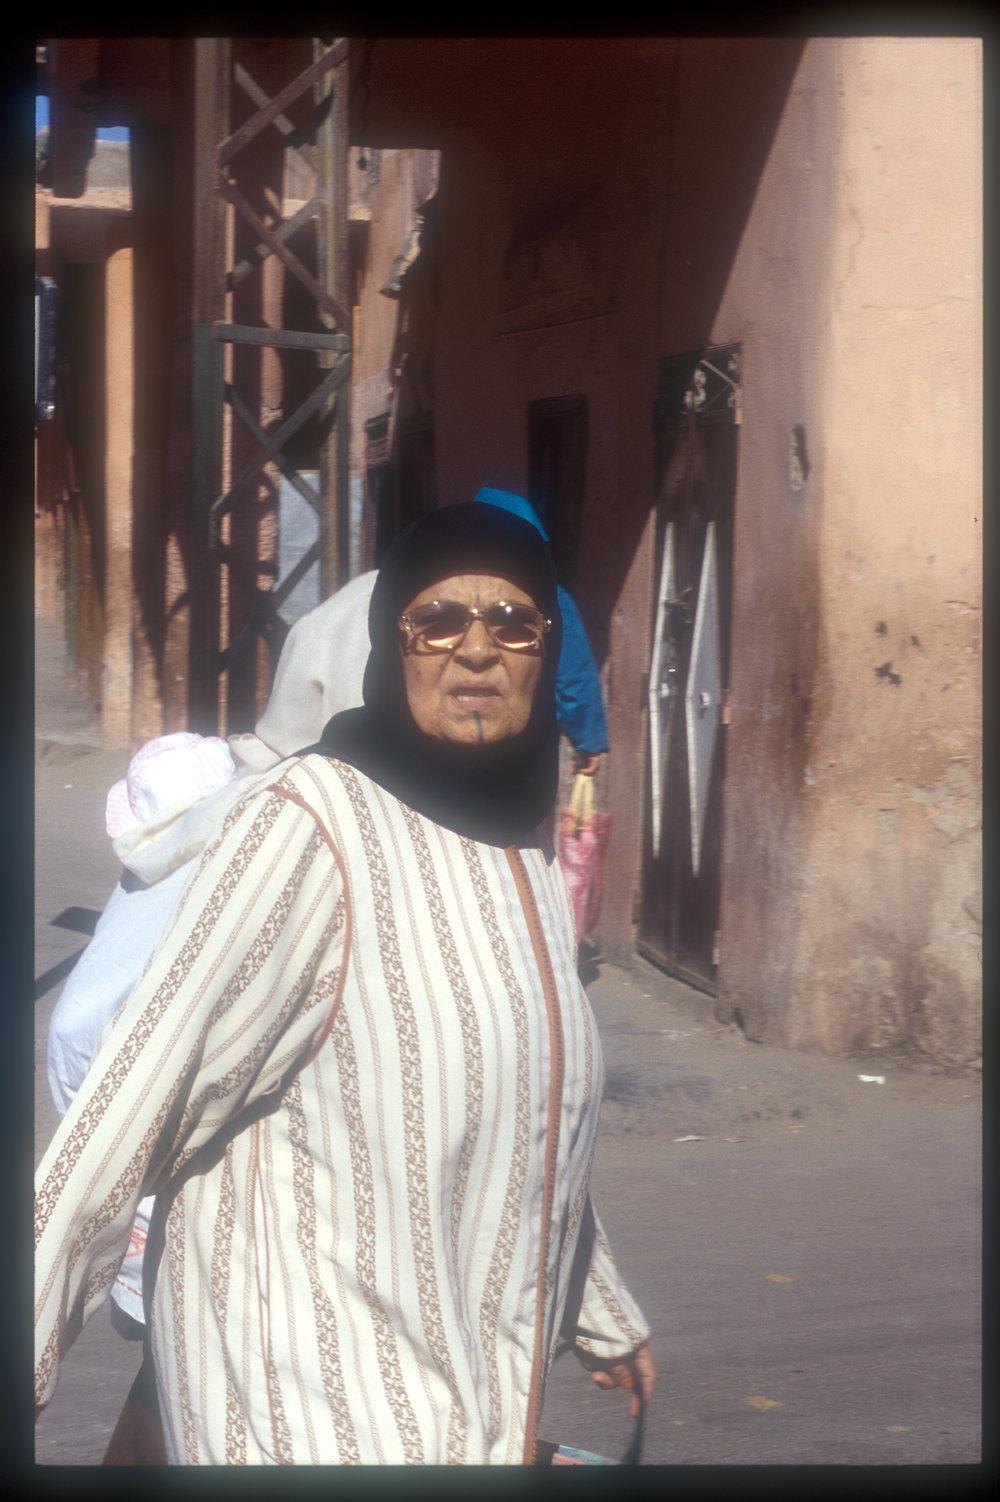 femme medina 2.JPG